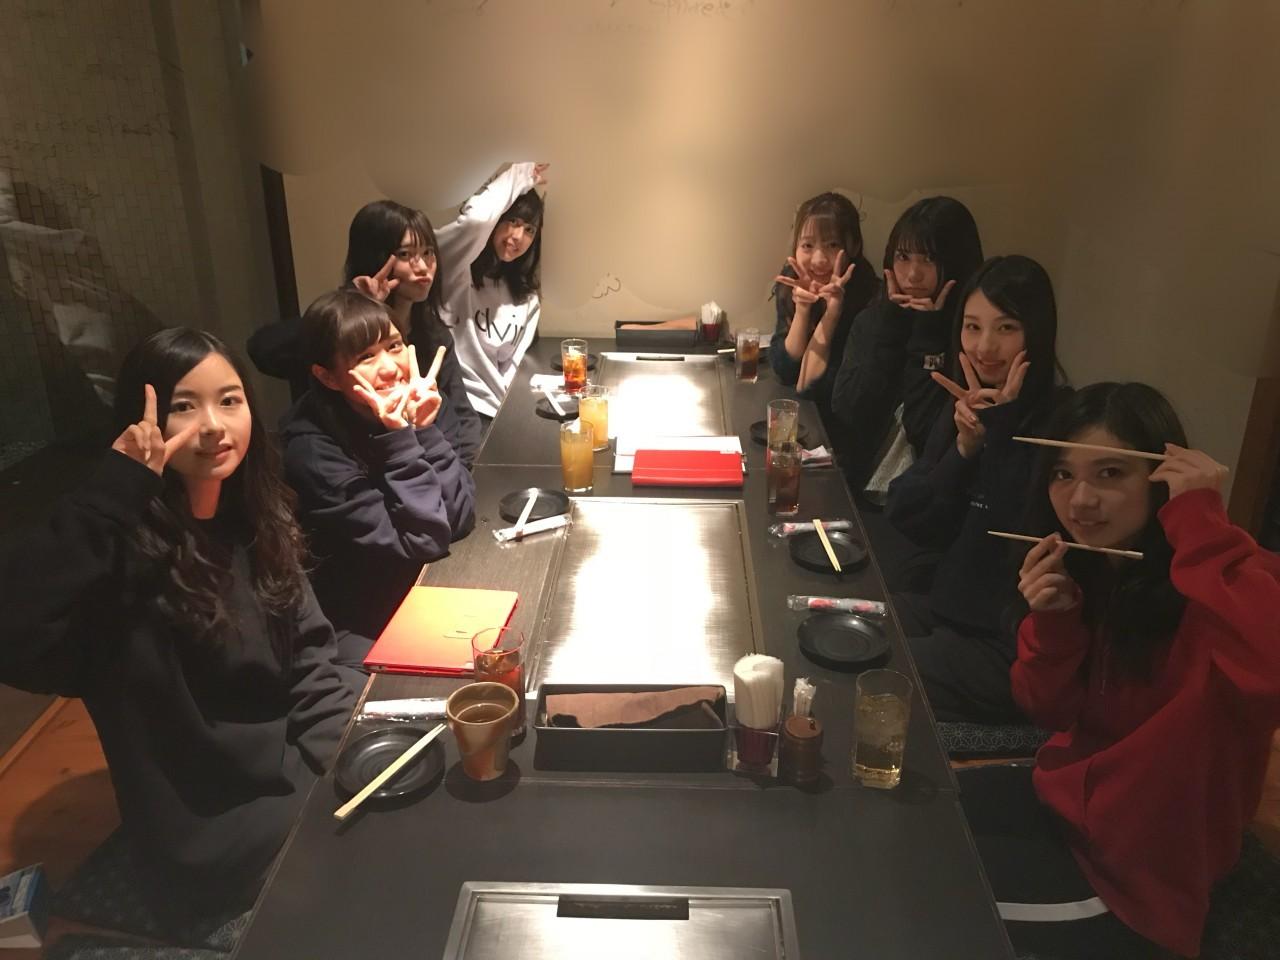 乃木坂46アンダーライブ近畿のご飯会の席順 お好み焼き鉄板焼き系